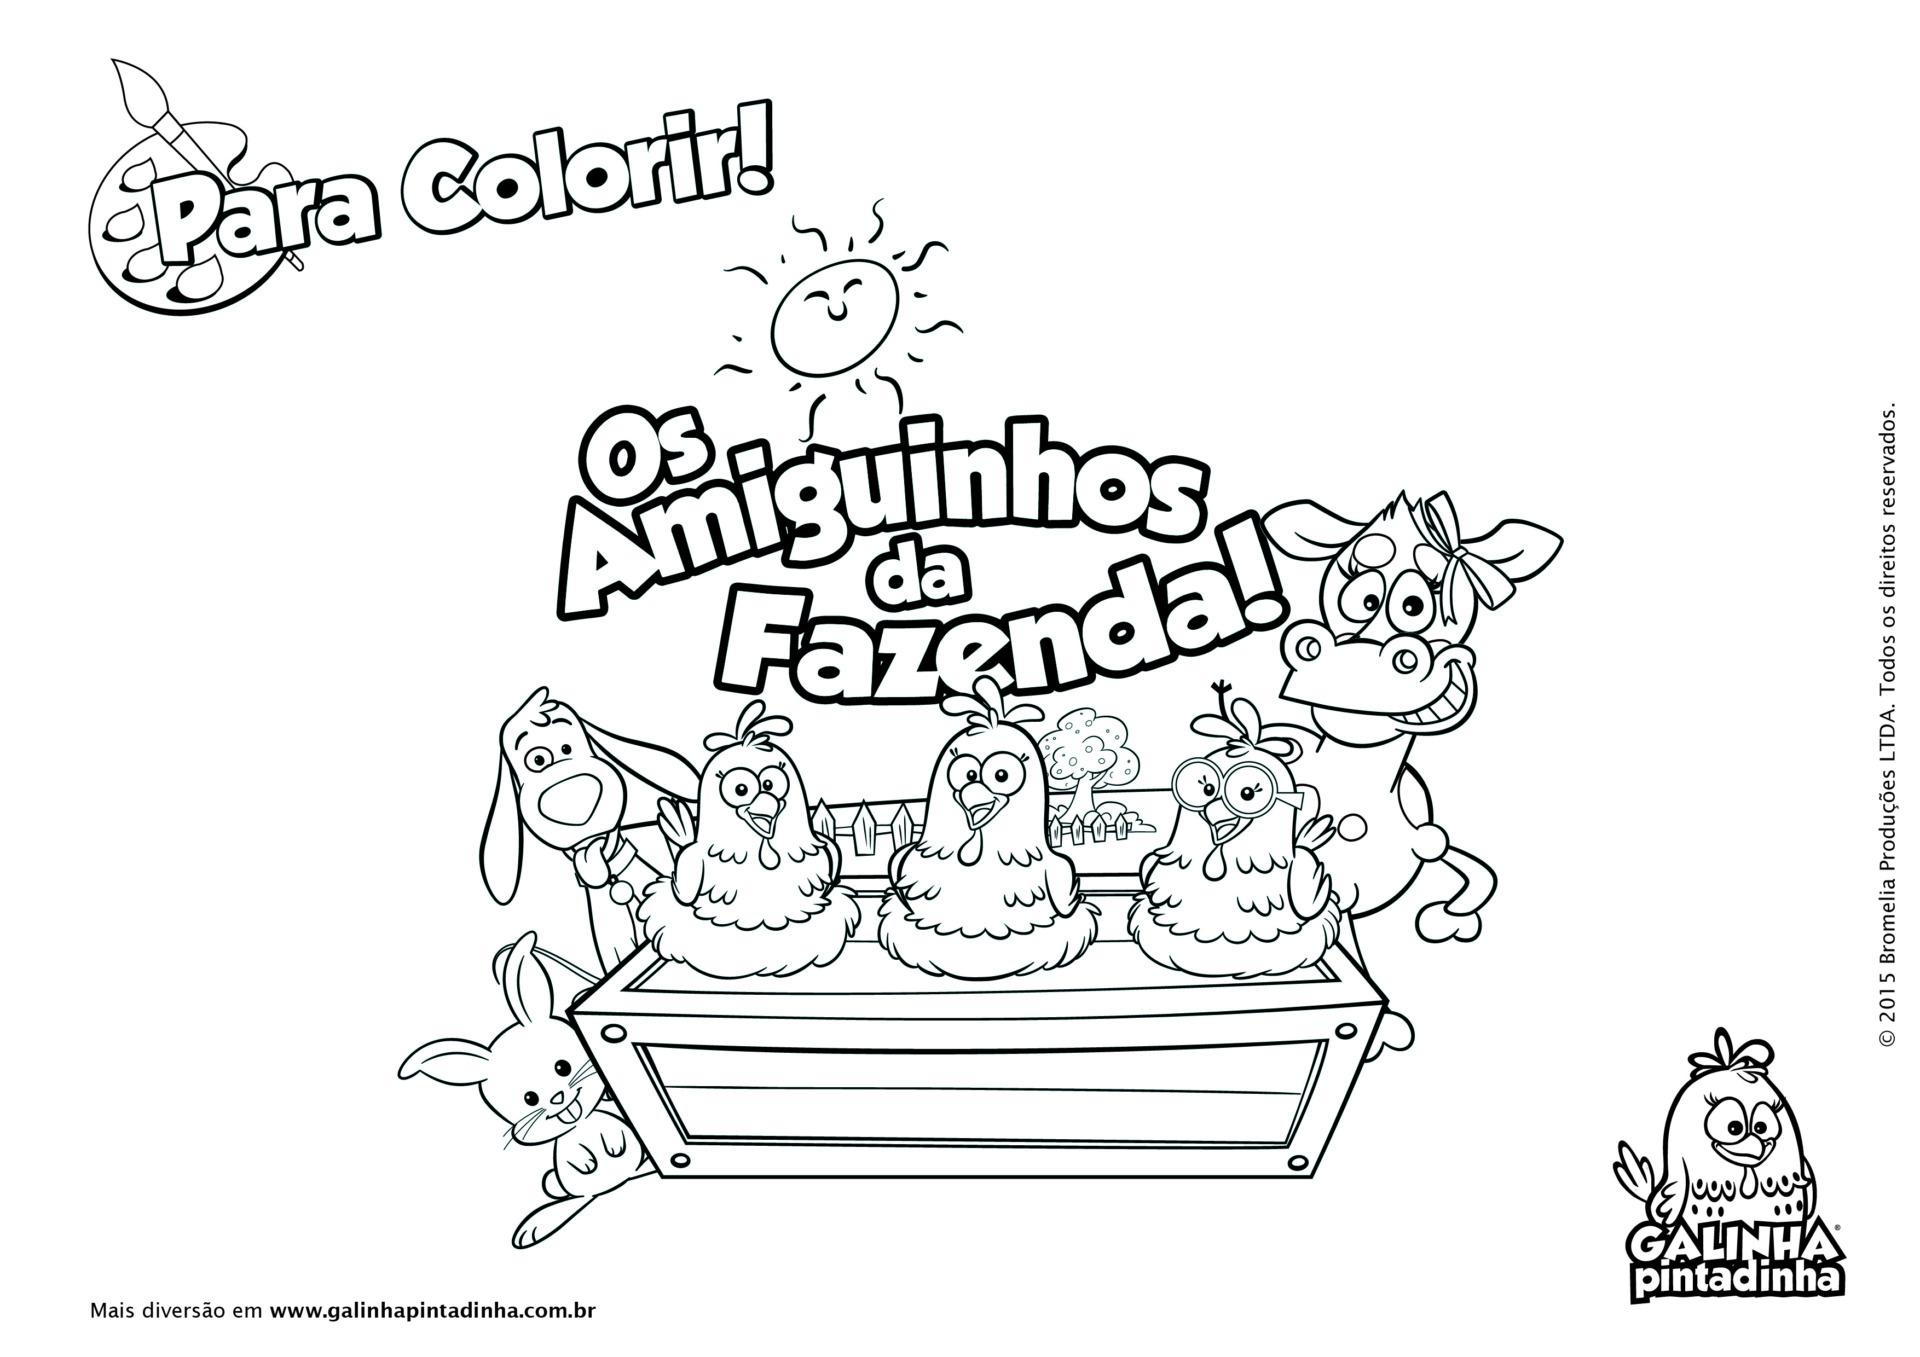 Desenhos Para Colorir Site Oficial Da Galinha Pintadinha